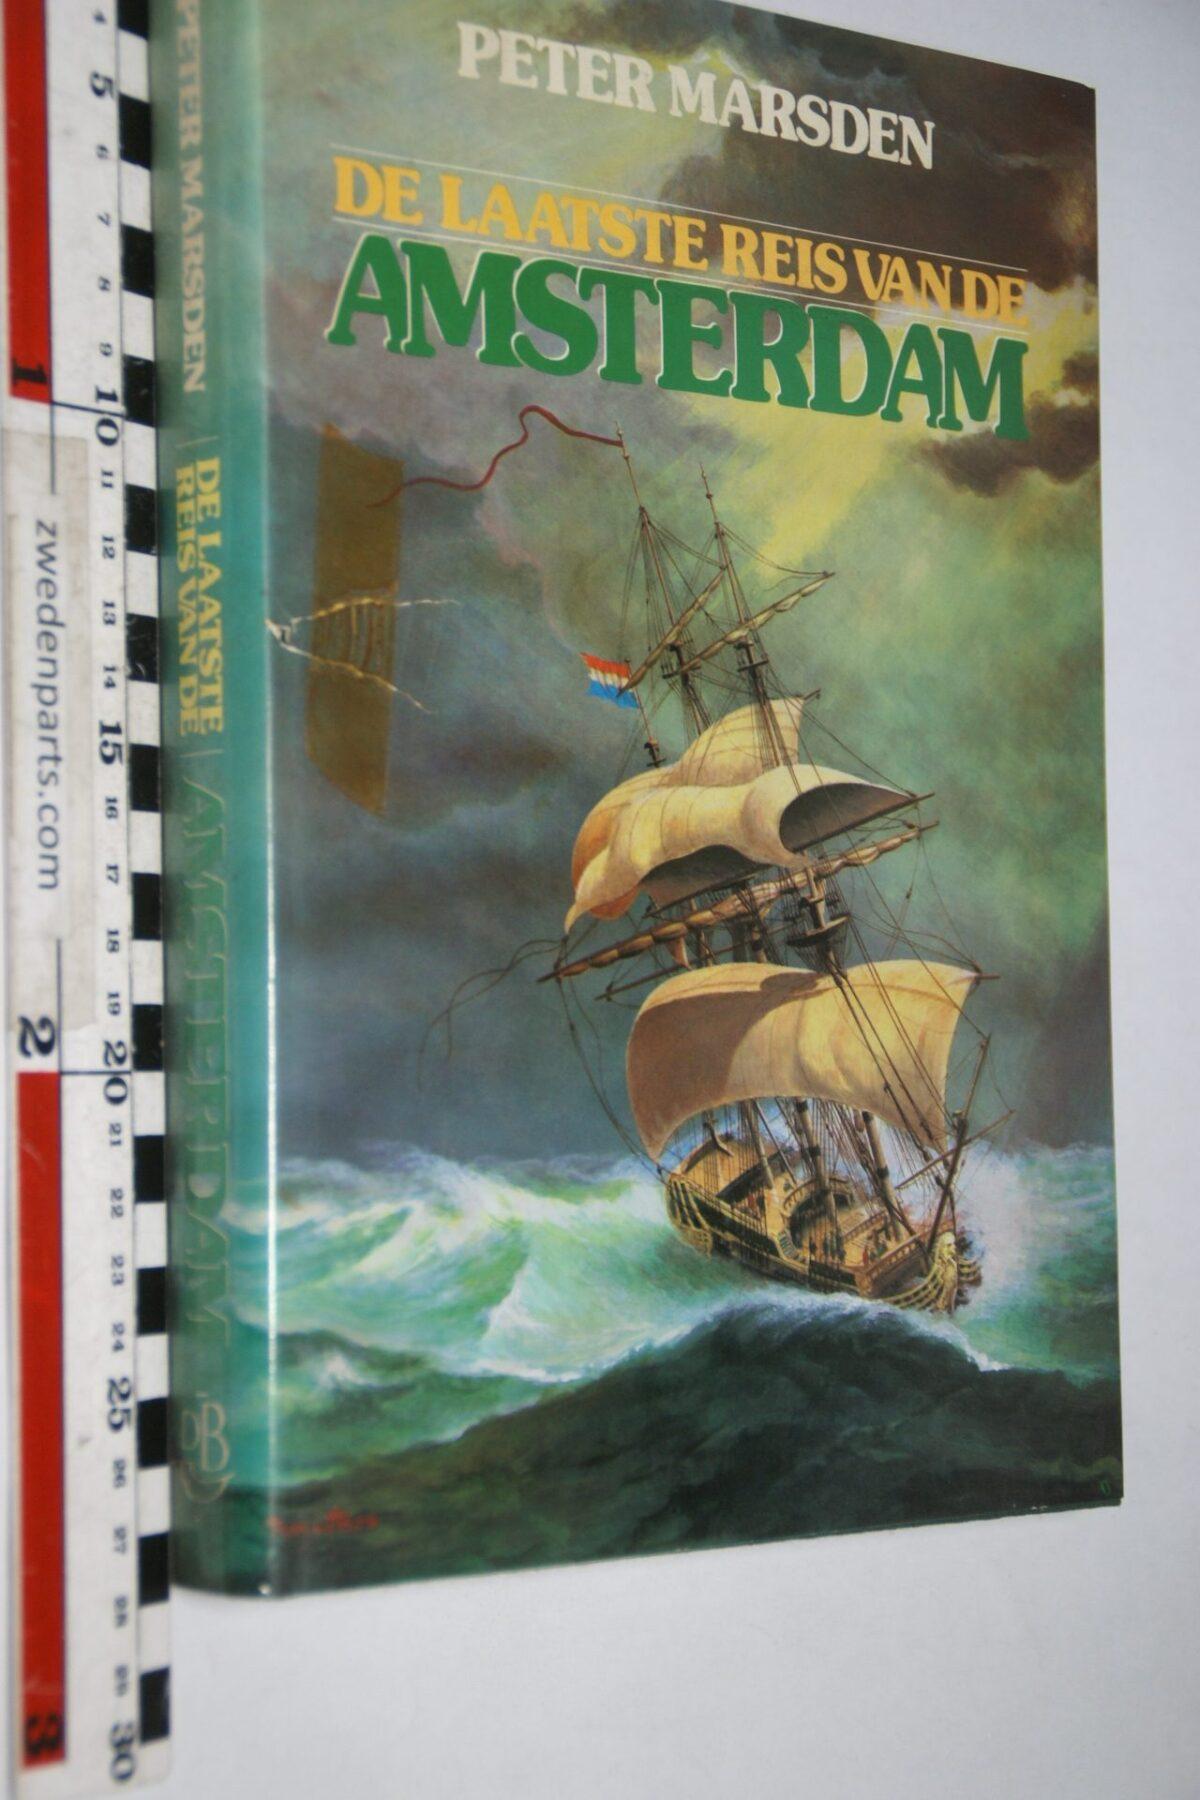 DSC06936 1982 boek de laatse reis van de Amsterdam van Peter Marsden  ISBN 9022819167